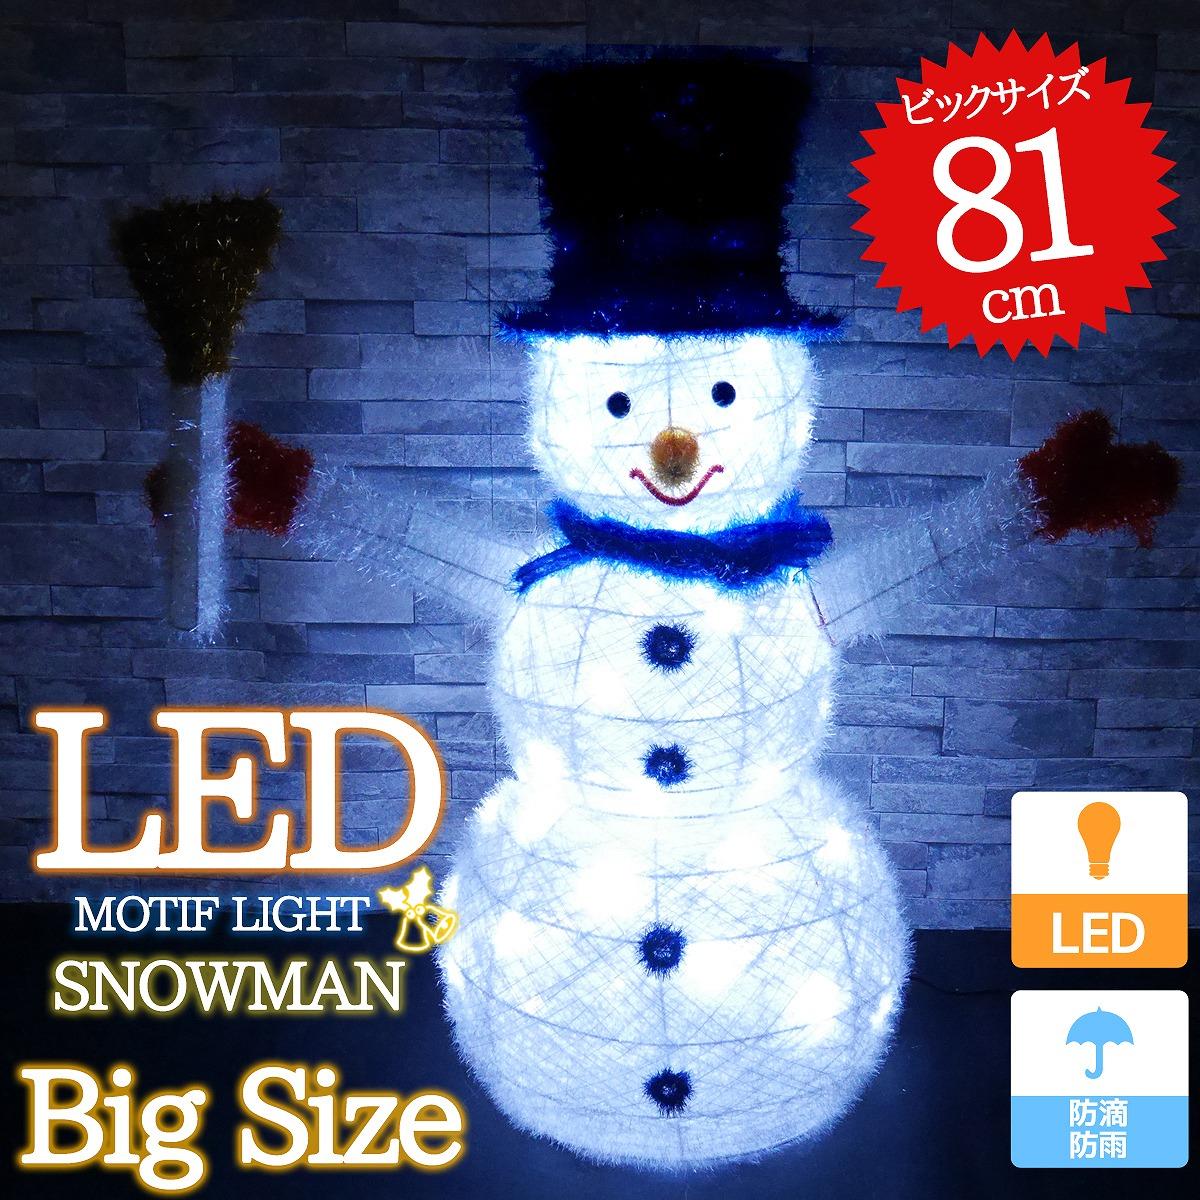 【1/1(水)~1/5(日)まで●全品ポイント10倍&最大1200円OFFクーポン配布】可愛い雪だるま スノーマン モチーフライト高さ81cm クリスマス LED イルミネーション 立体 LEDライト ガーデン 屋内屋外 電飾 電装 KR-81